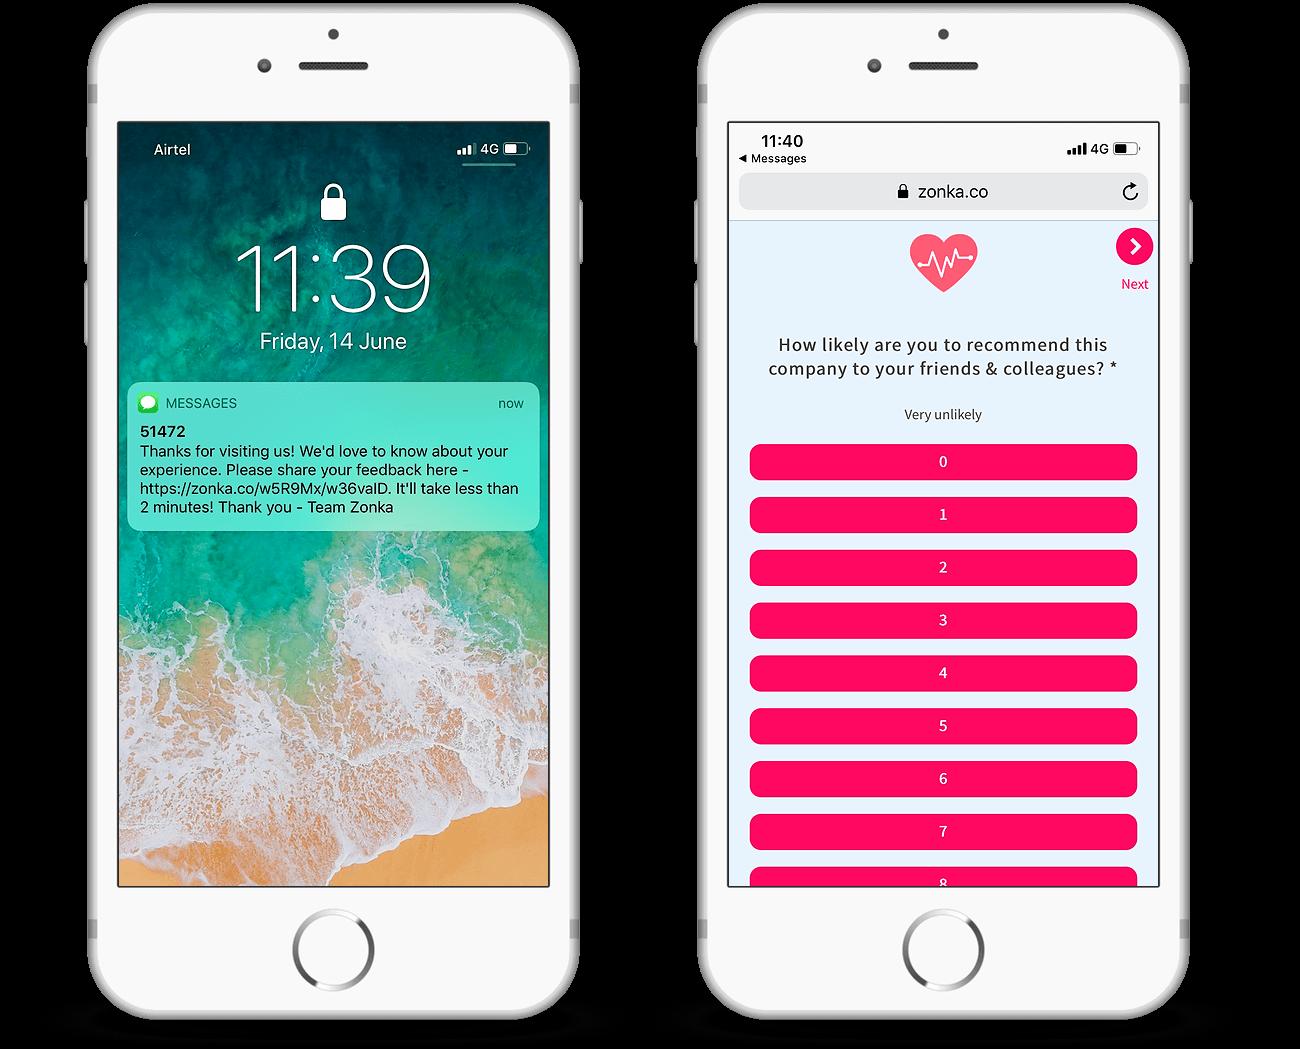 sms-survey01